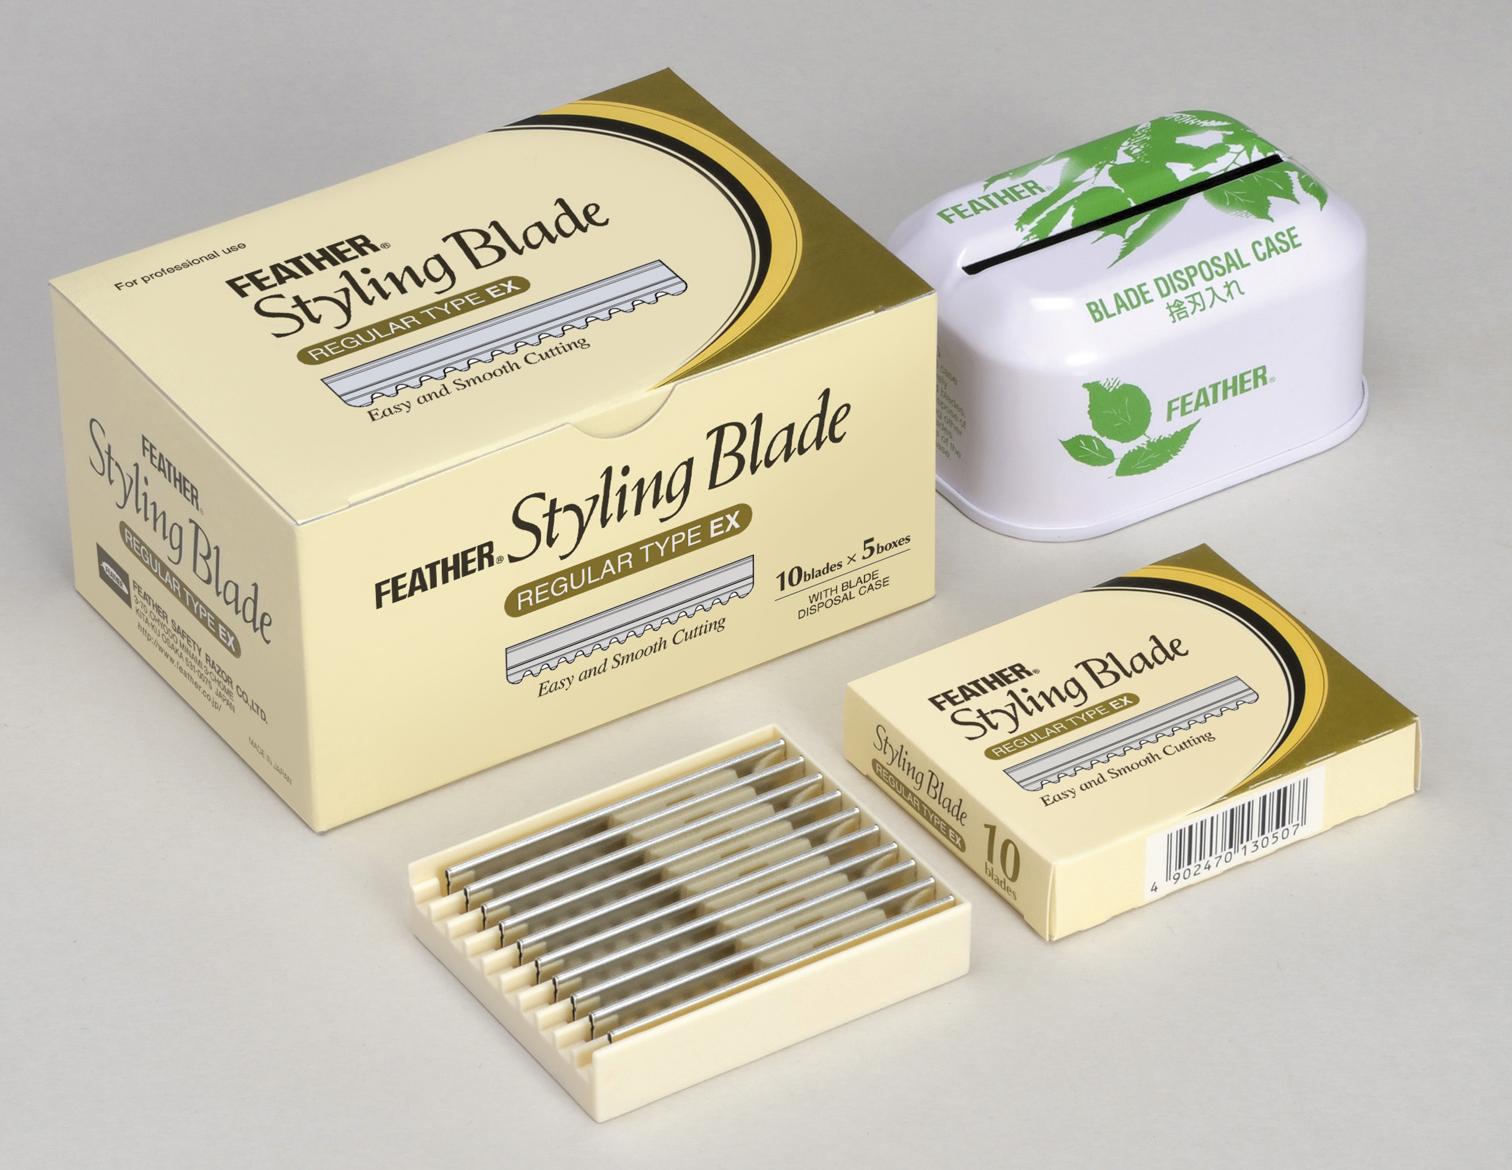 Feather набор лезвий для стрижки 5 диспенсеров и бокс для отработки лезвийS2793105-5Специальные лезвия дляфилировочных бритв для стрижки волос. Благодаря тонкому наклонному срезу, который дает бритва, концы волос отлично падают по форме стрижки, создается красивая текстура.Используются при работе с бритвамидля стрижки волос серииStyling Razor.